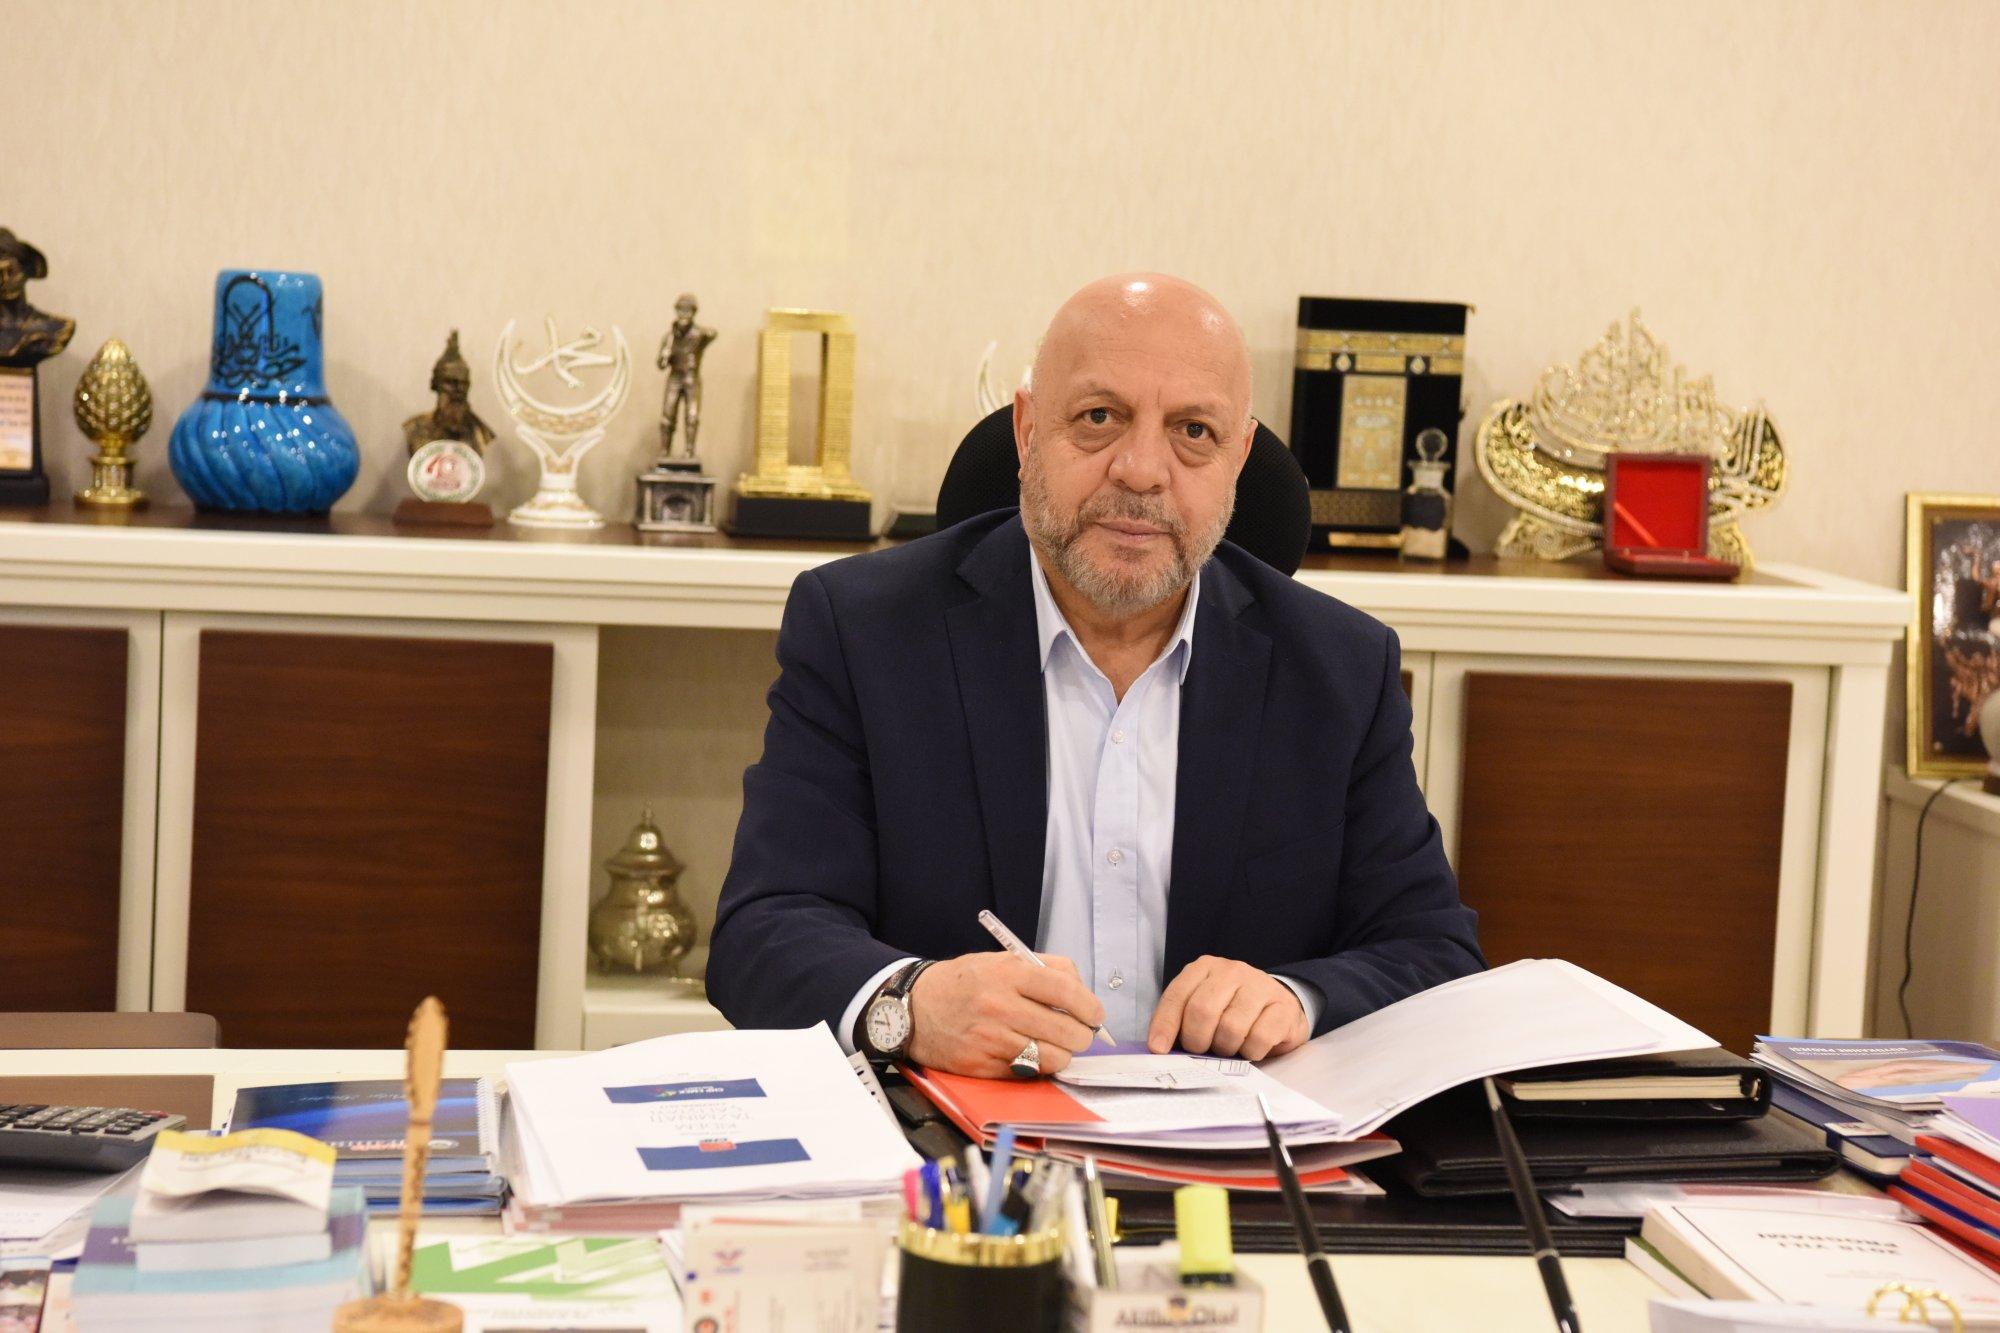 ARSLAN'DAN FİLİSTİN BÜYÜKELÇİSİ MUSTAFA'YA TEBRİK MEKTUBU